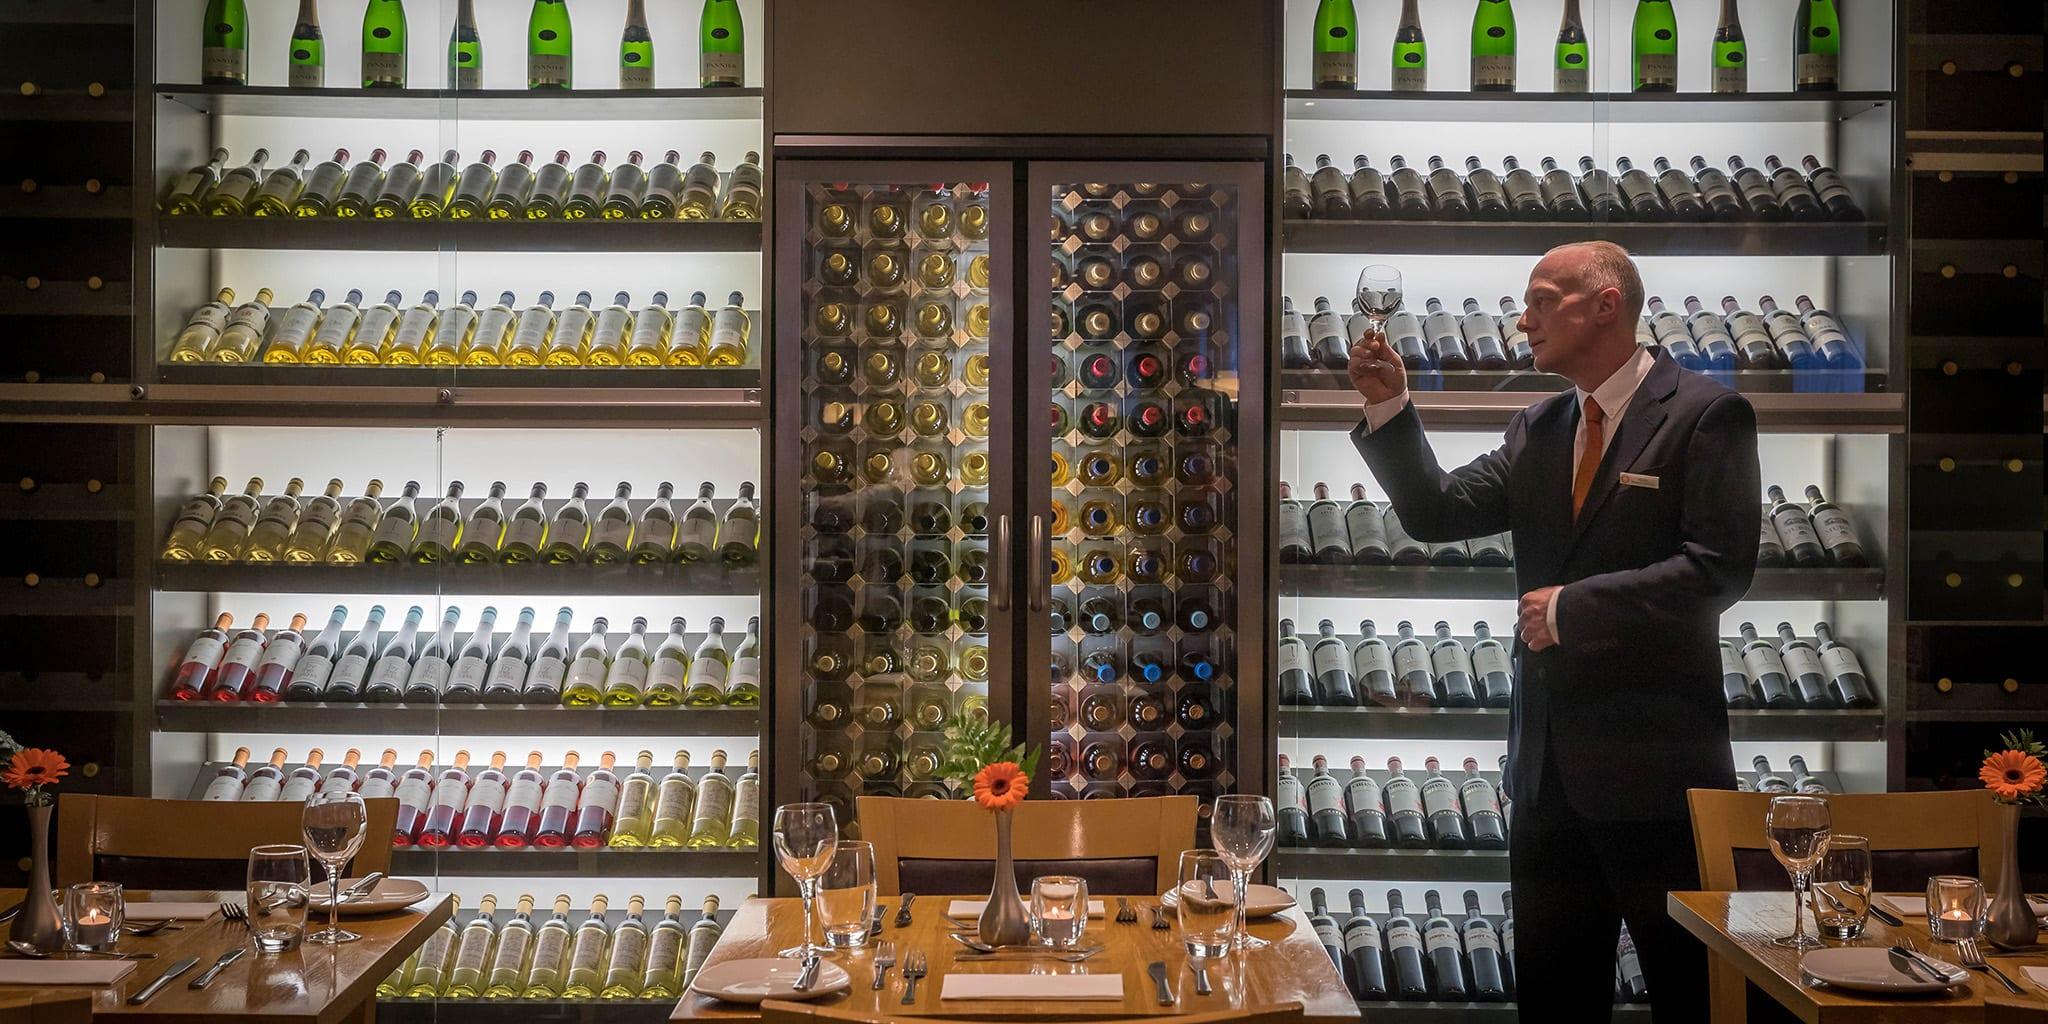 Stir-Restaurant-Wine-Clayton-Cardiff-Lane